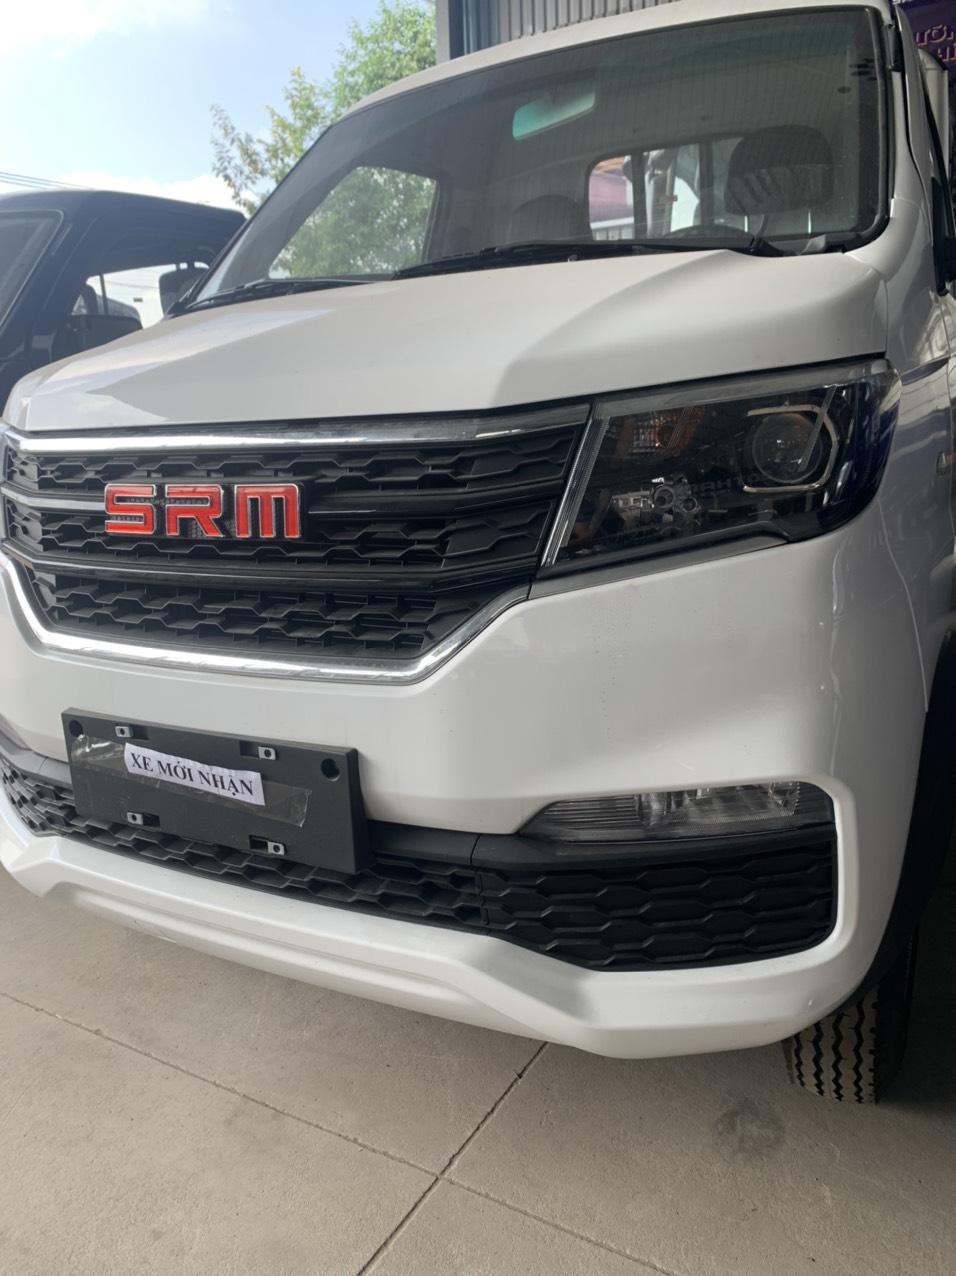 HỆ THỐNG ĐÈN PHA SRM 990kg